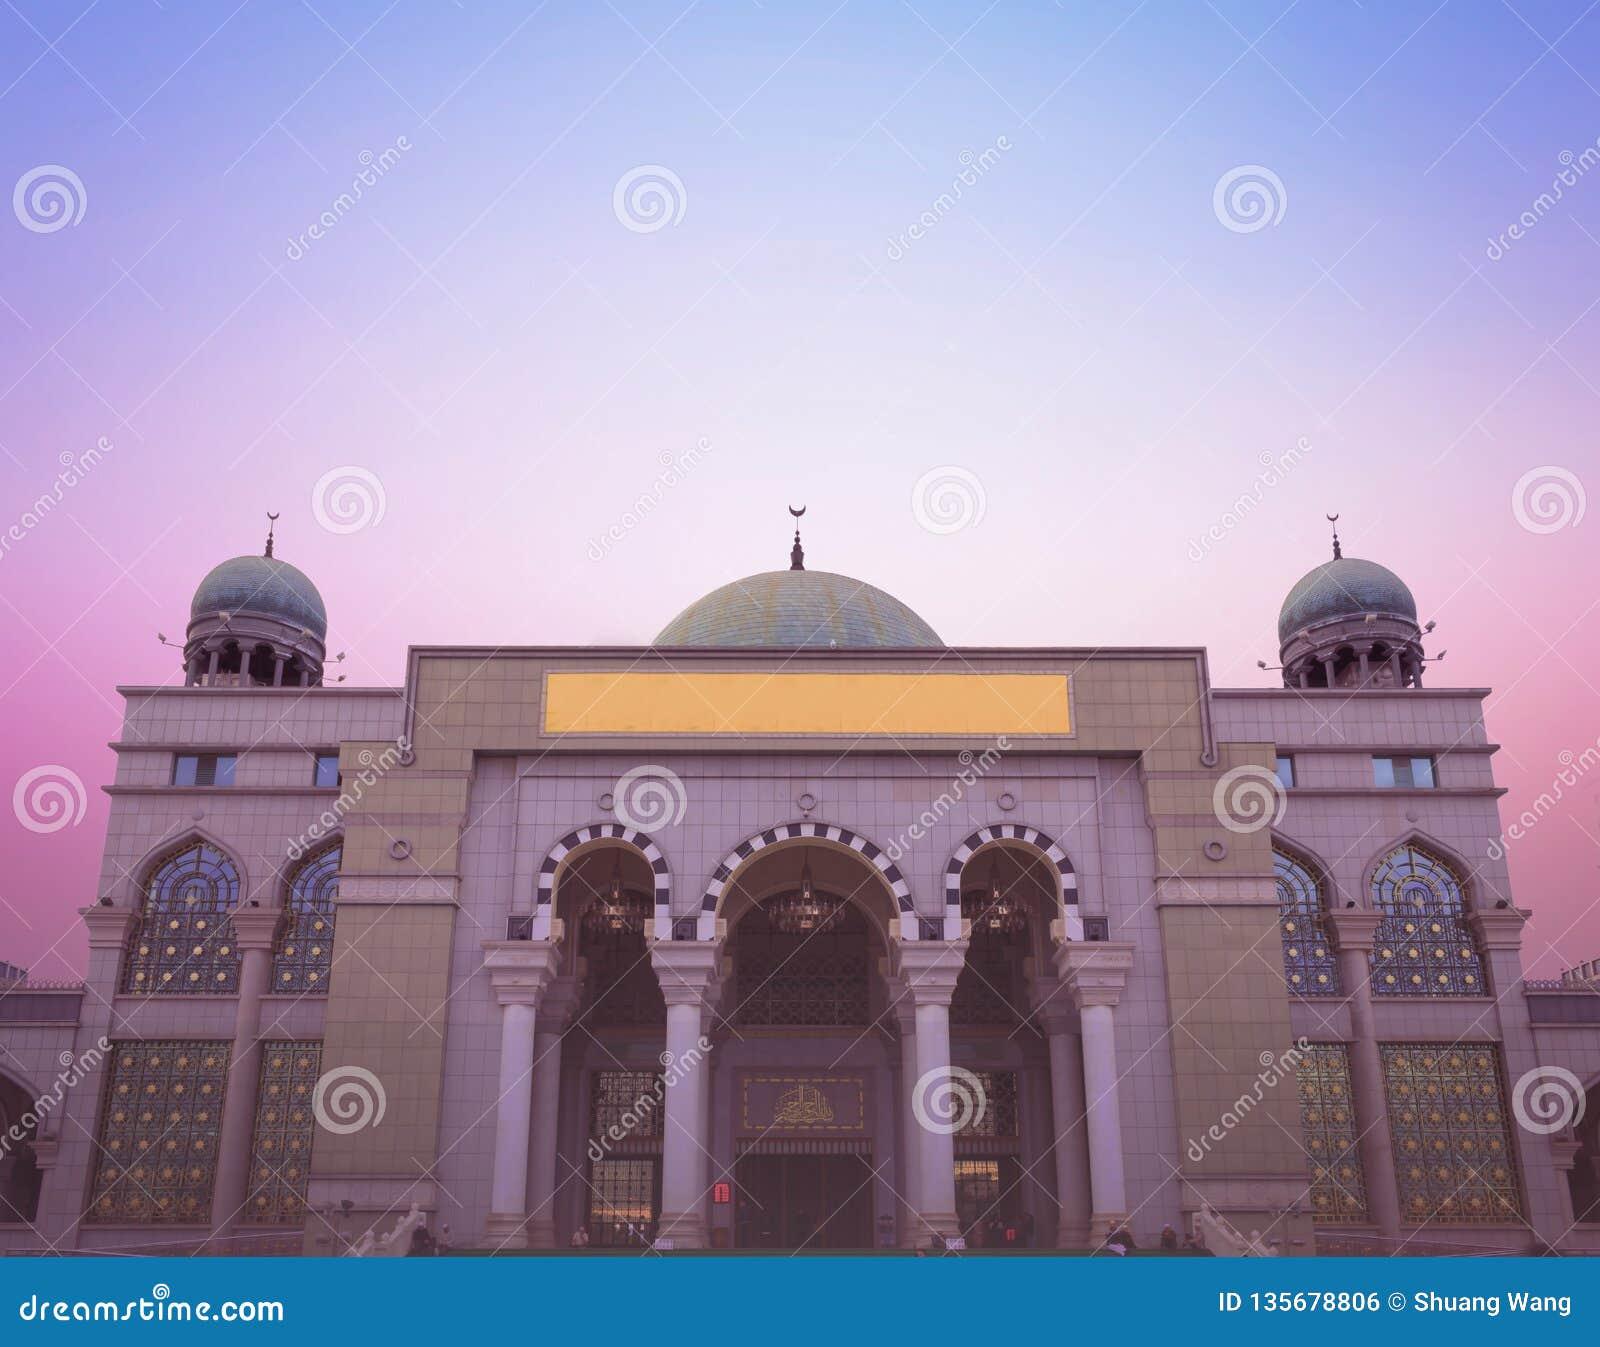 Έννοια παγκόσμιας θρησκευτική ημέρας: Όμορφο μουσουλμανικό τέμενος